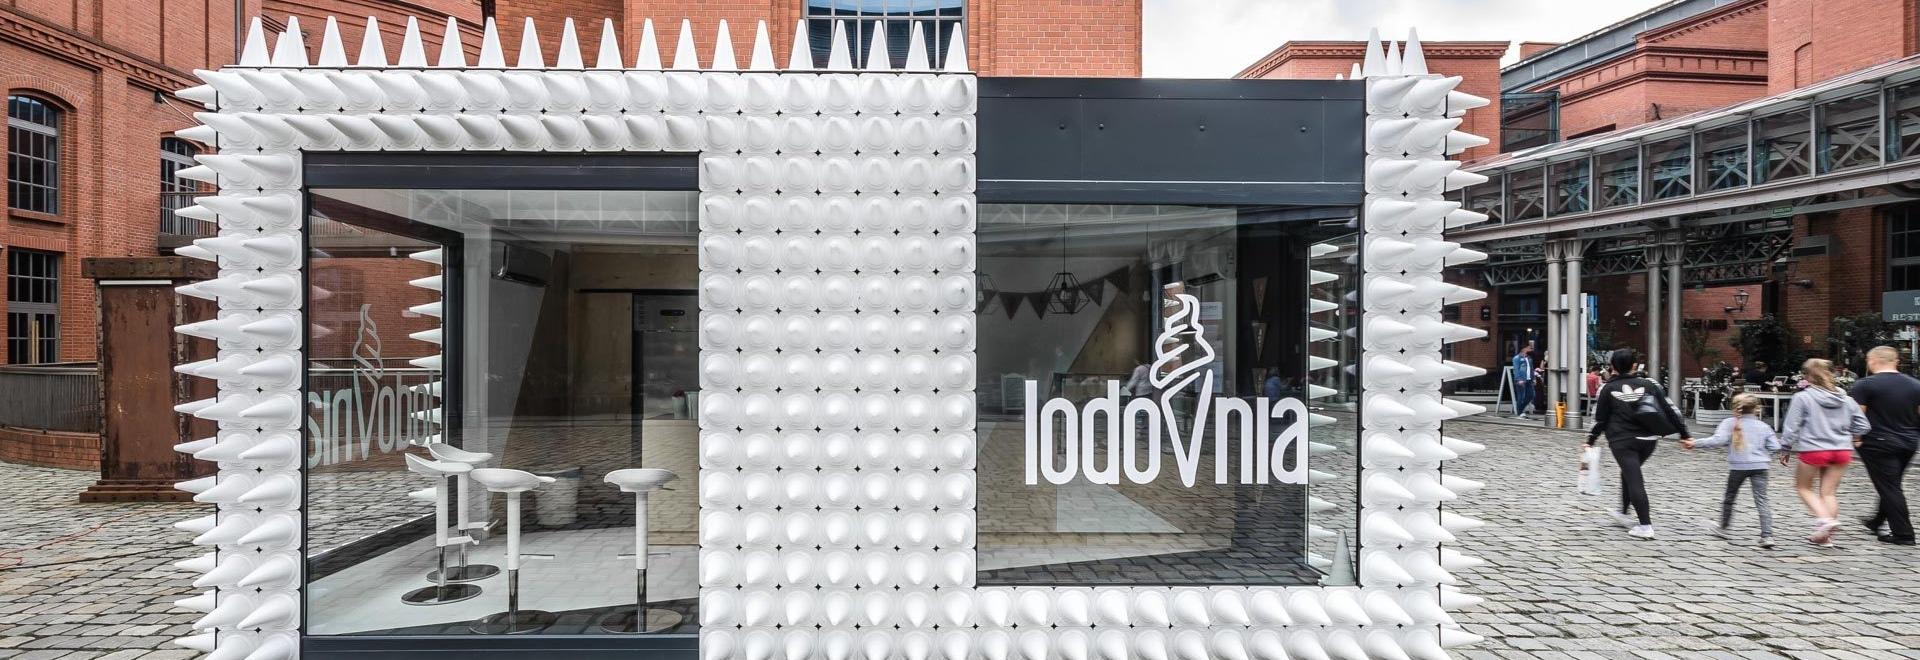 Casi 1.000 conos cubren esta tienda de helado en Polonia